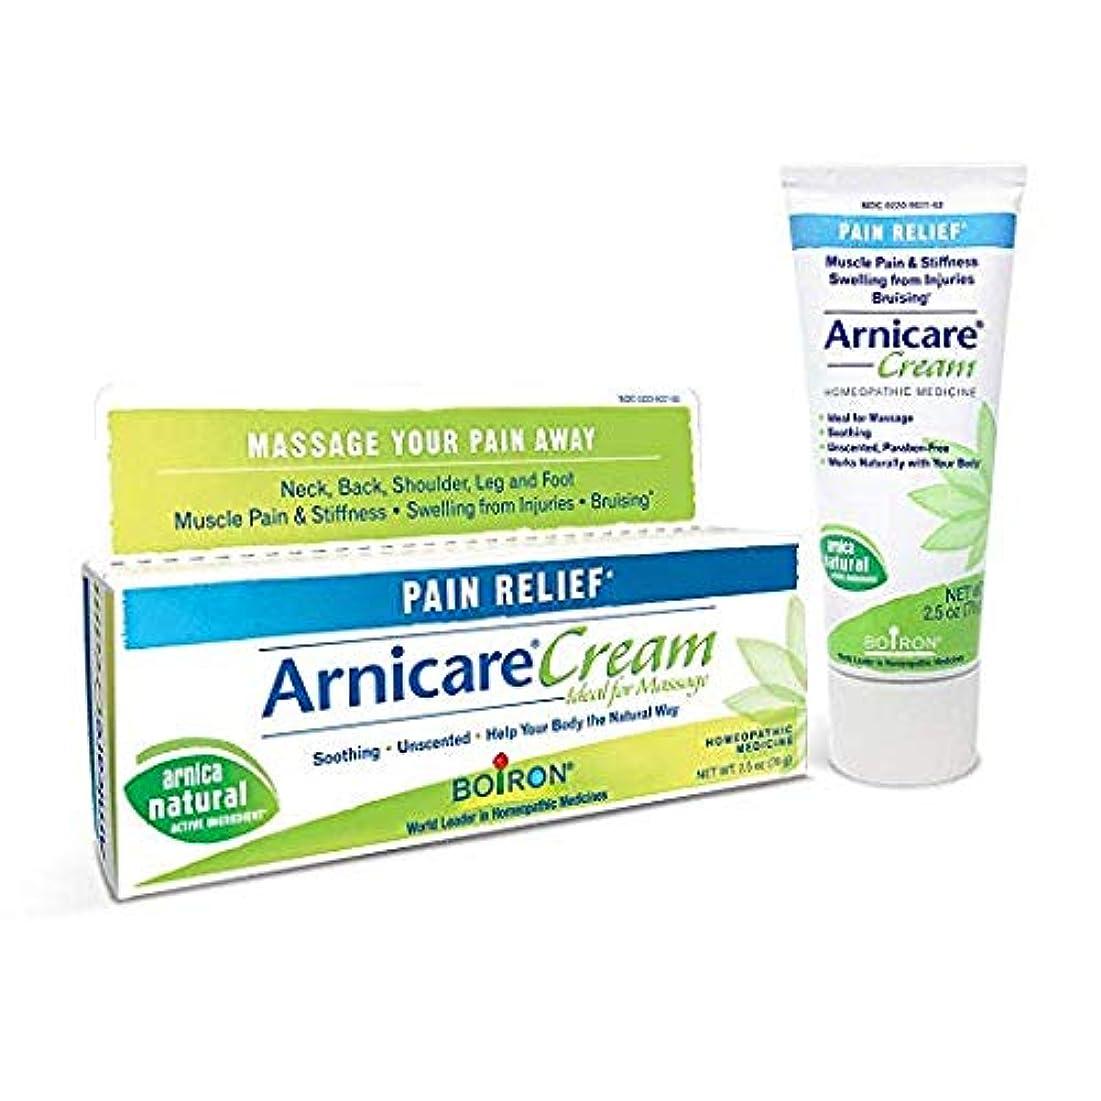 後感謝祭お父さんボイロン アルニカクリーム Boiron Arnicare Cream 2.5 Ounces Topical Pain Relief Cream [並行輸入品]